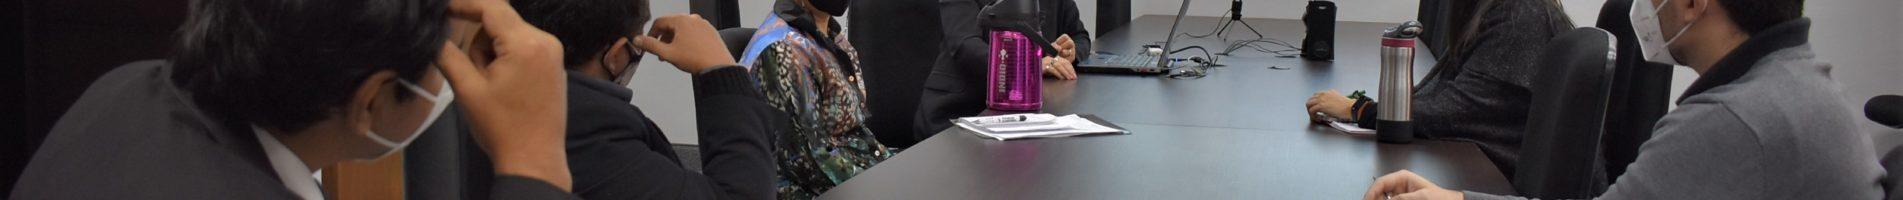 Comisión interna ODS mantuvo su primera reunión de trabajo